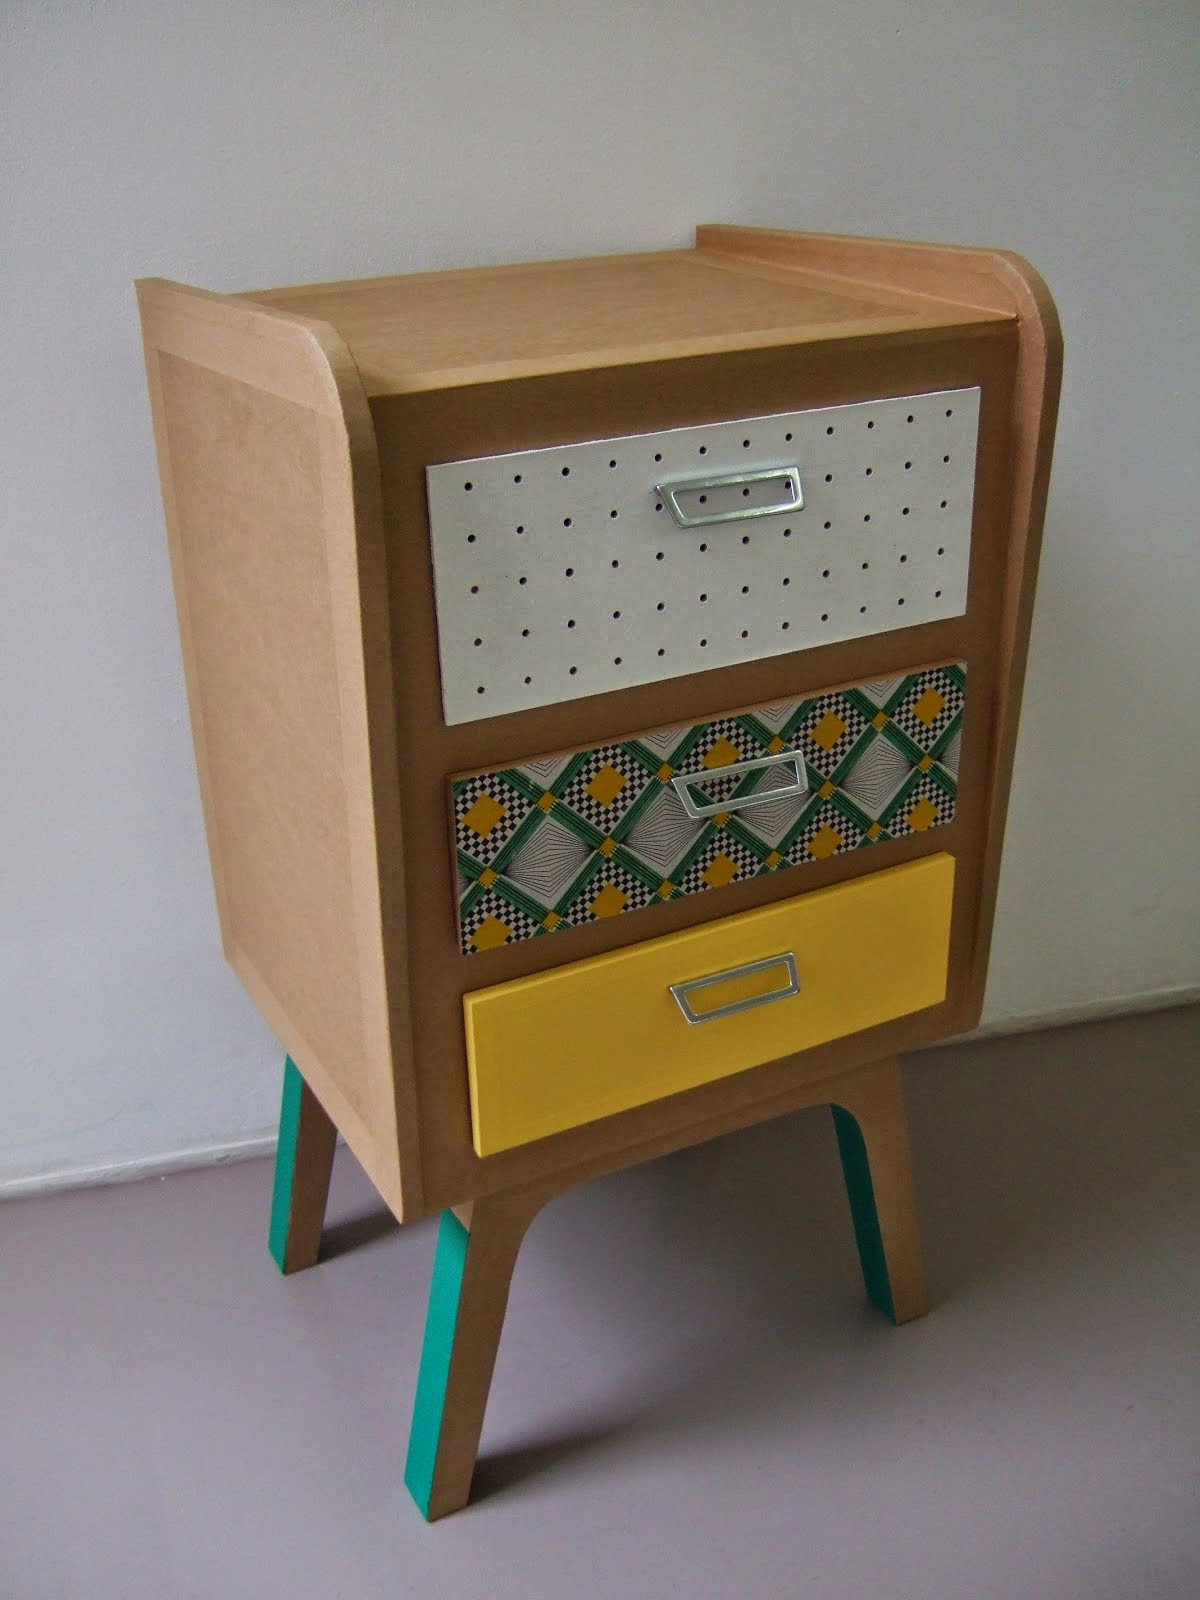 commode en carton case et tiroirs. meuble en carton sur mesure fabriqué à marseille par juliadesign.